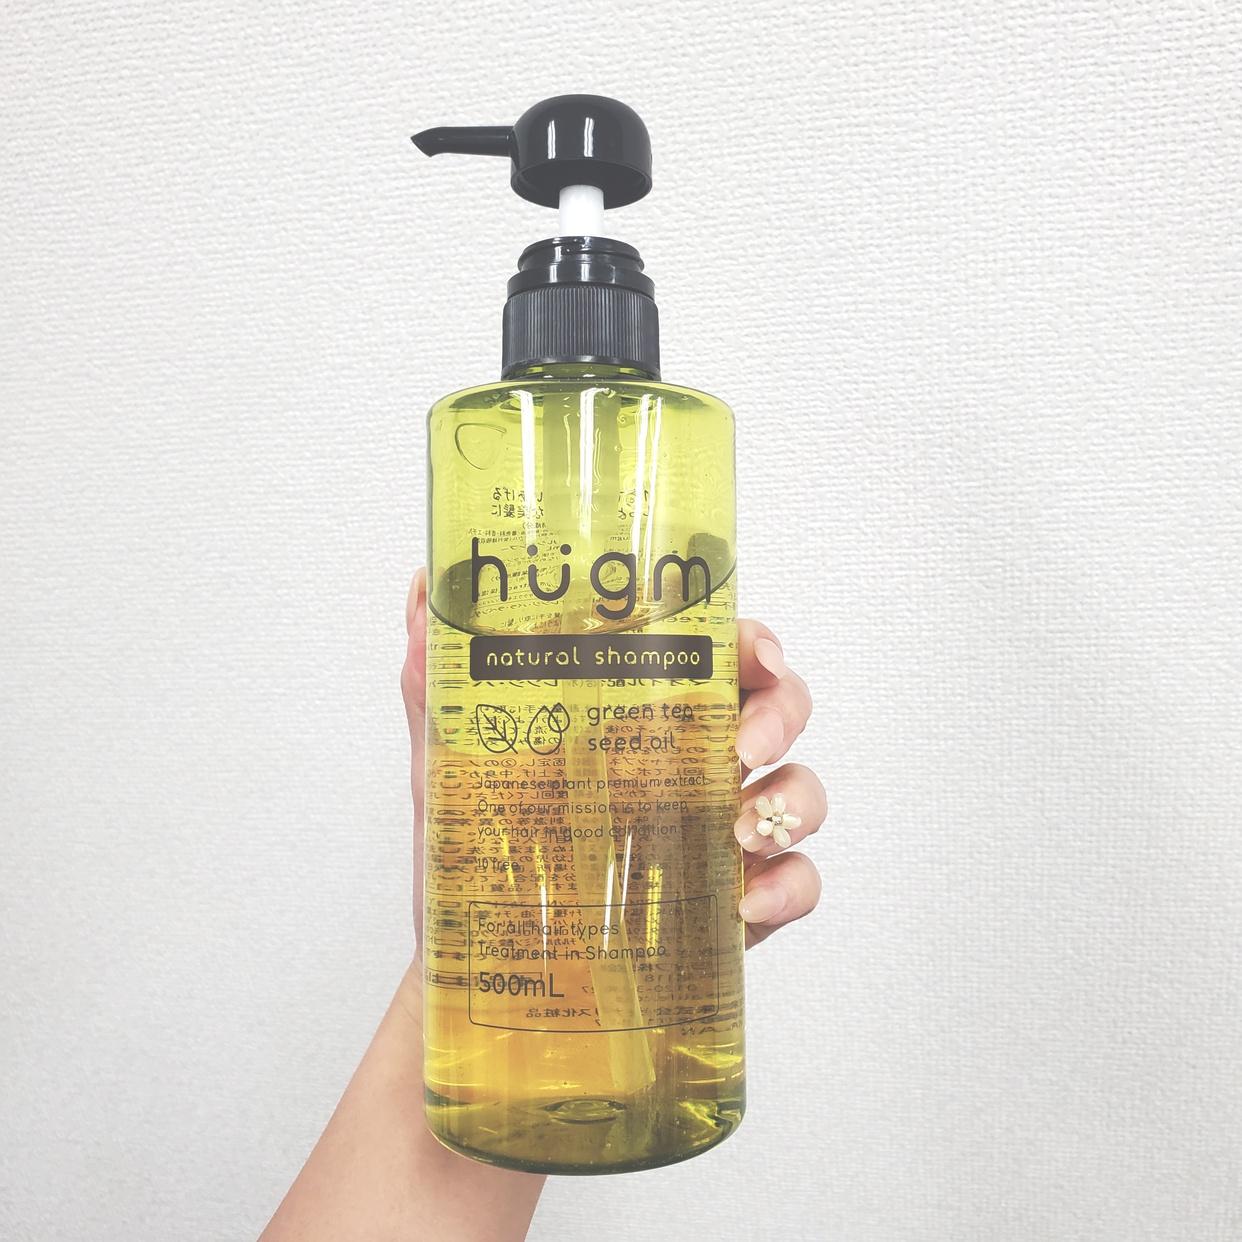 hugm(ハグム) ナチュラルシャンプーを使ったhanaさんのクチコミ画像